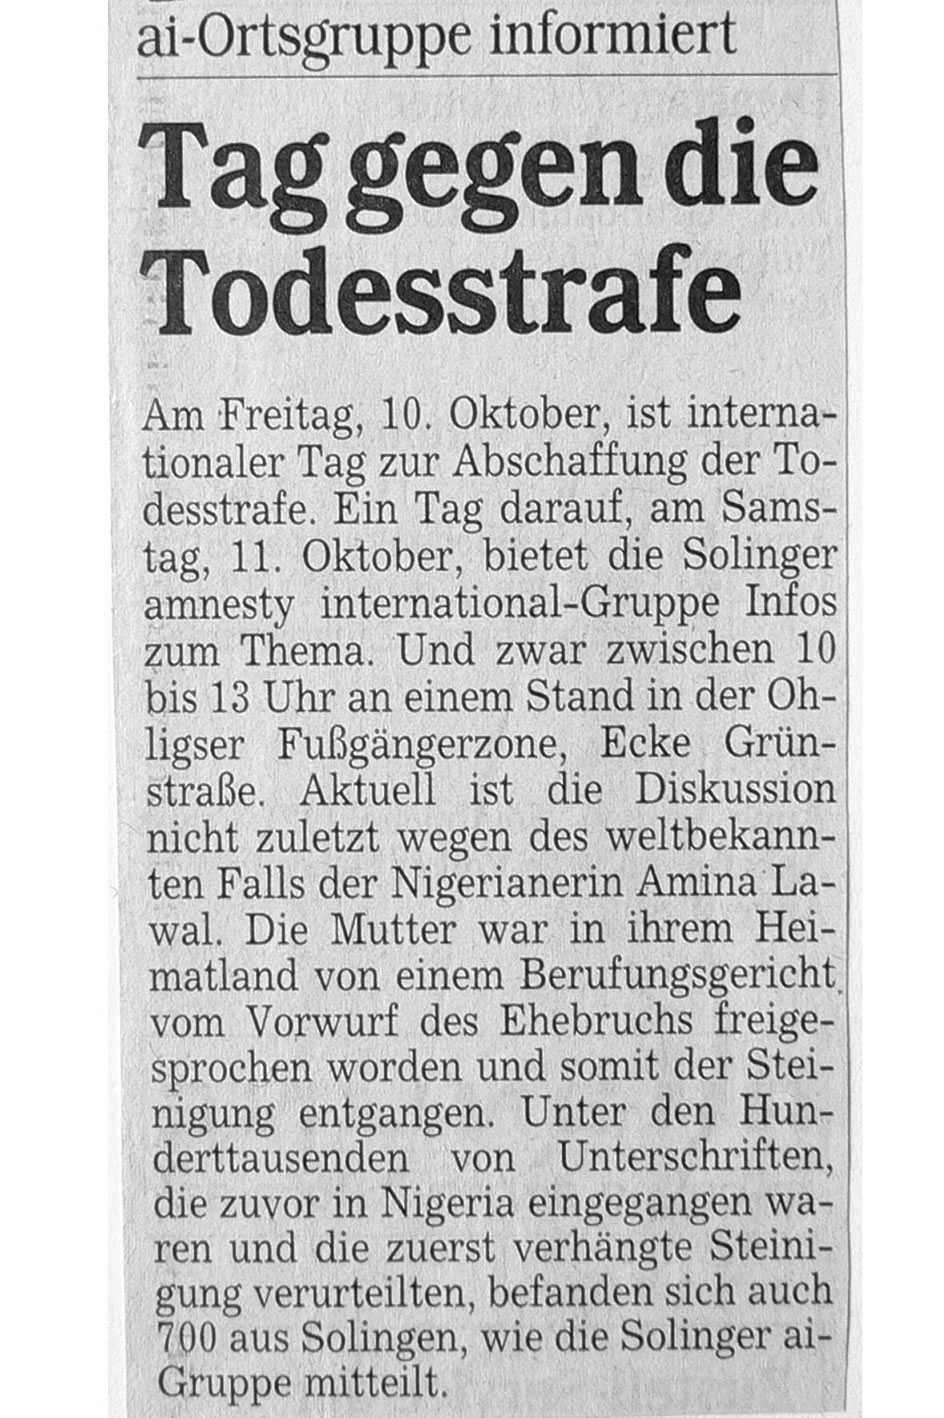 Solinger Morgenpost 10/03: Aktion gegen Todesstrafe